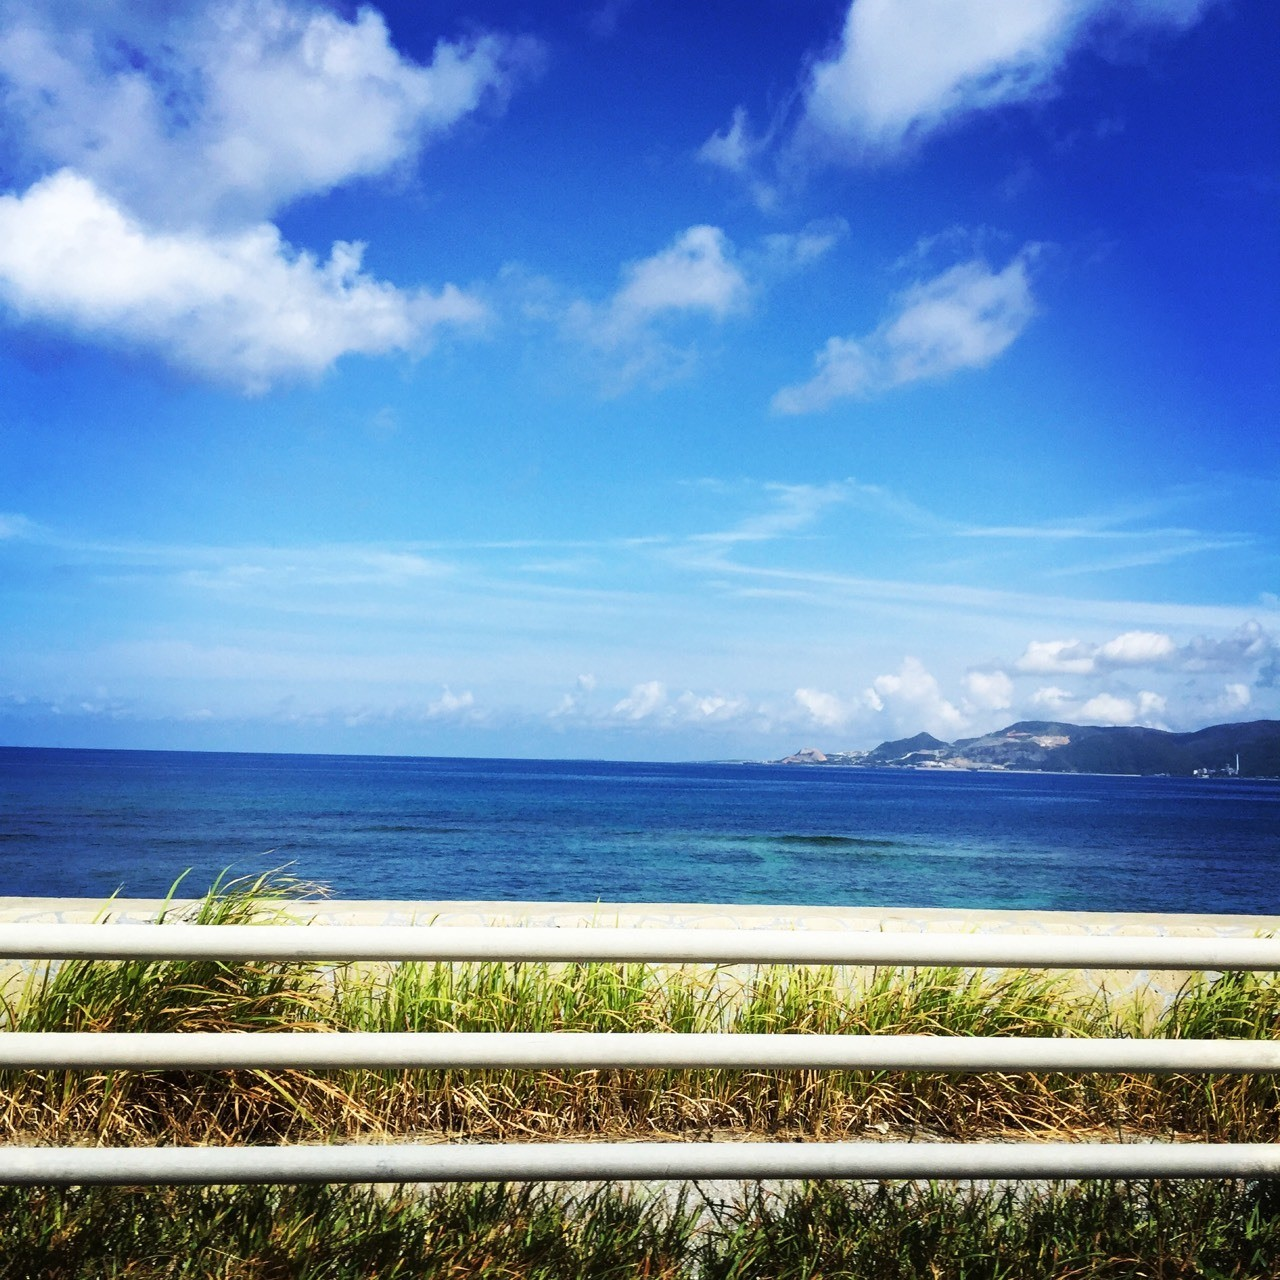 異國風情 總帶來更多的心情 #私領域 #在不同的城市中冒險 #說走就走的旅行 #就愛藍藍的天和海